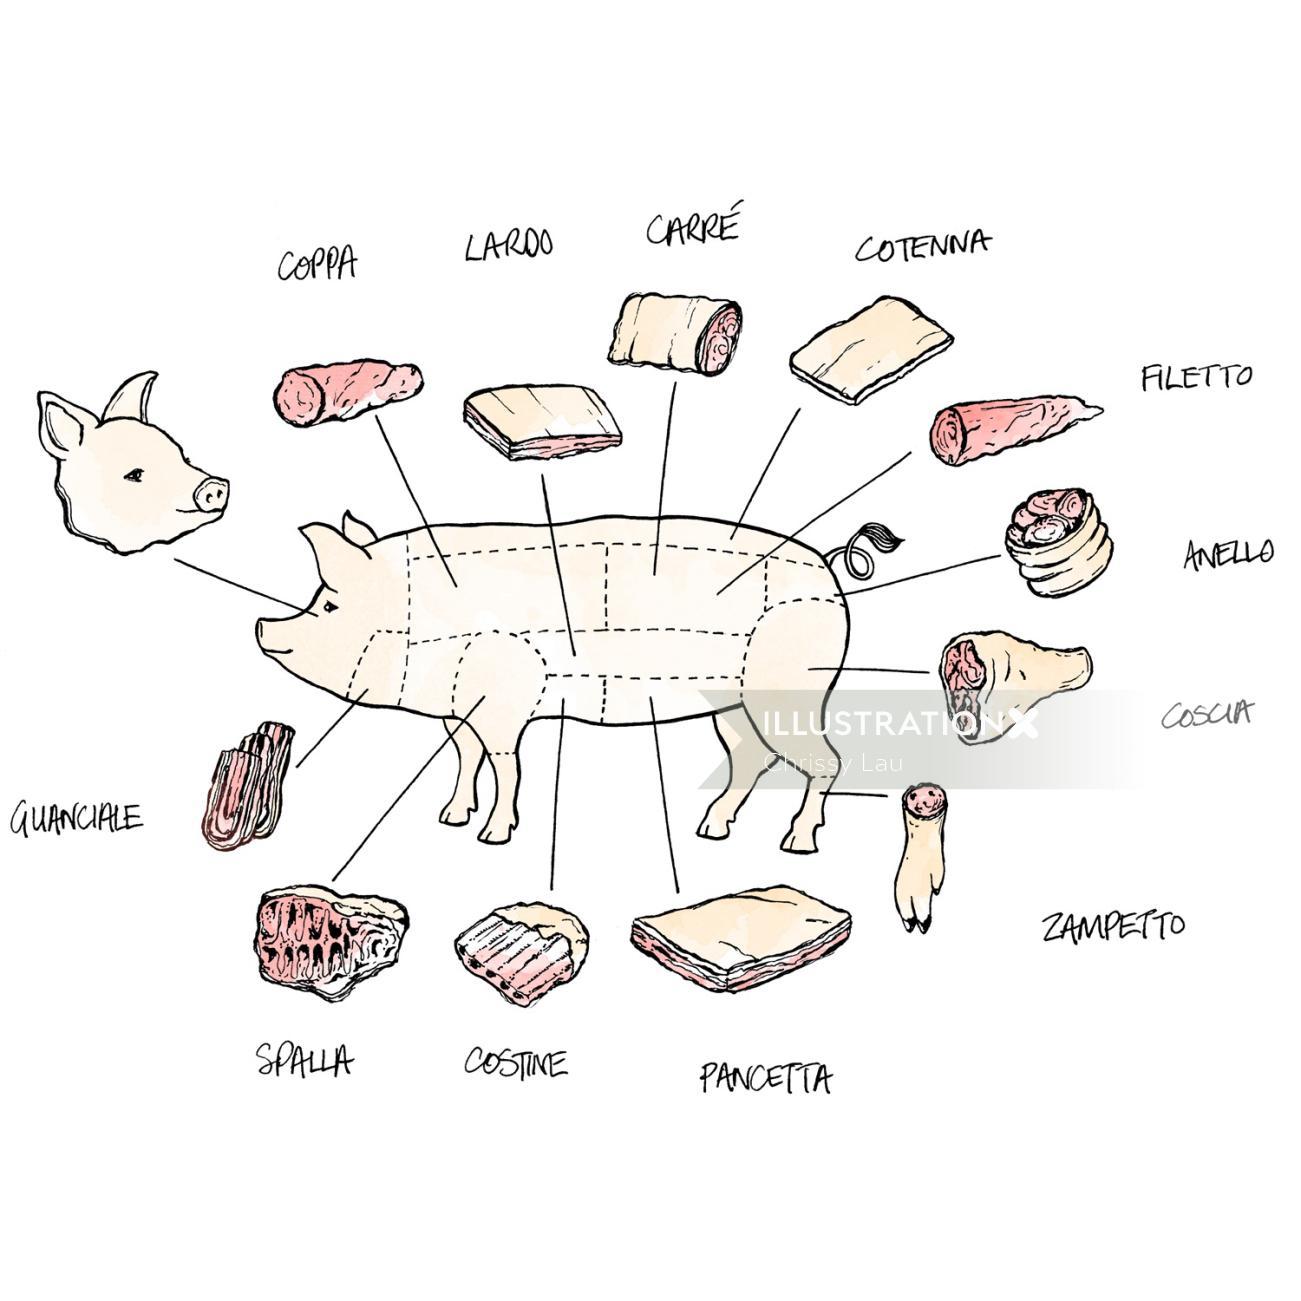 Conceptual art of pig body parts explain